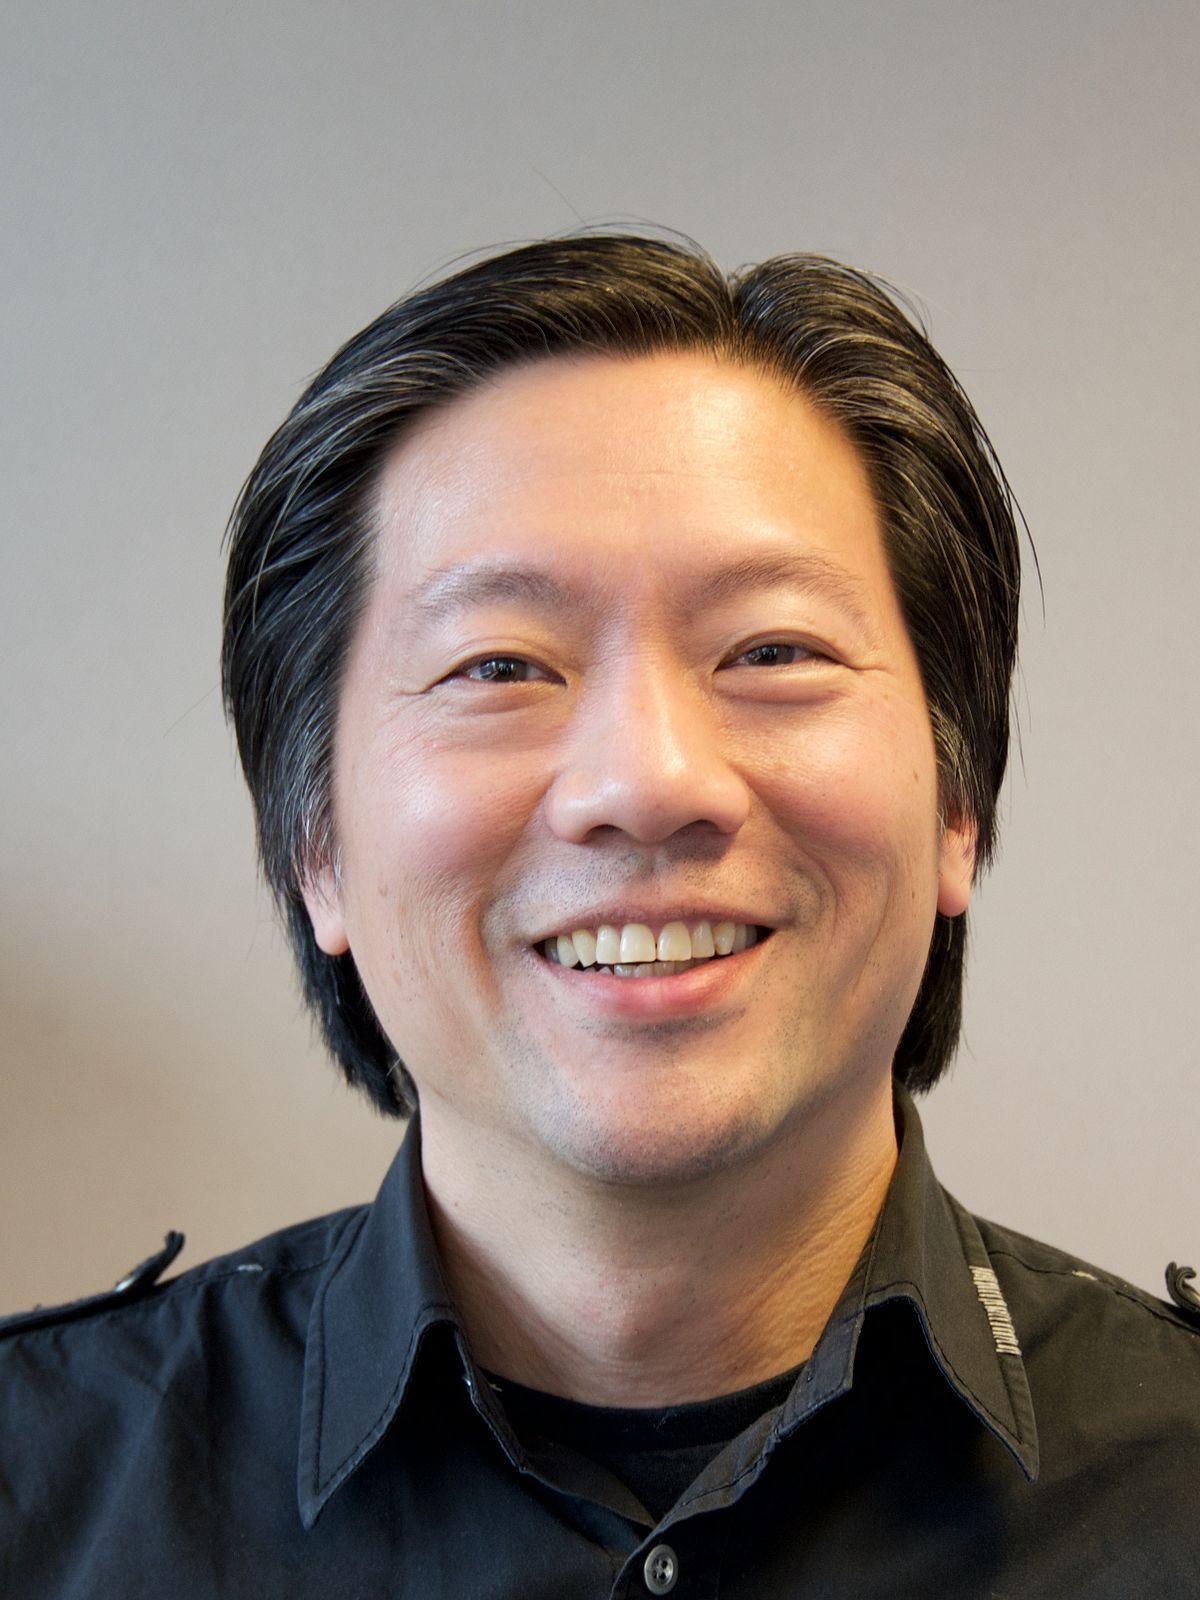 Ray King Entrepreneur Wikipedia